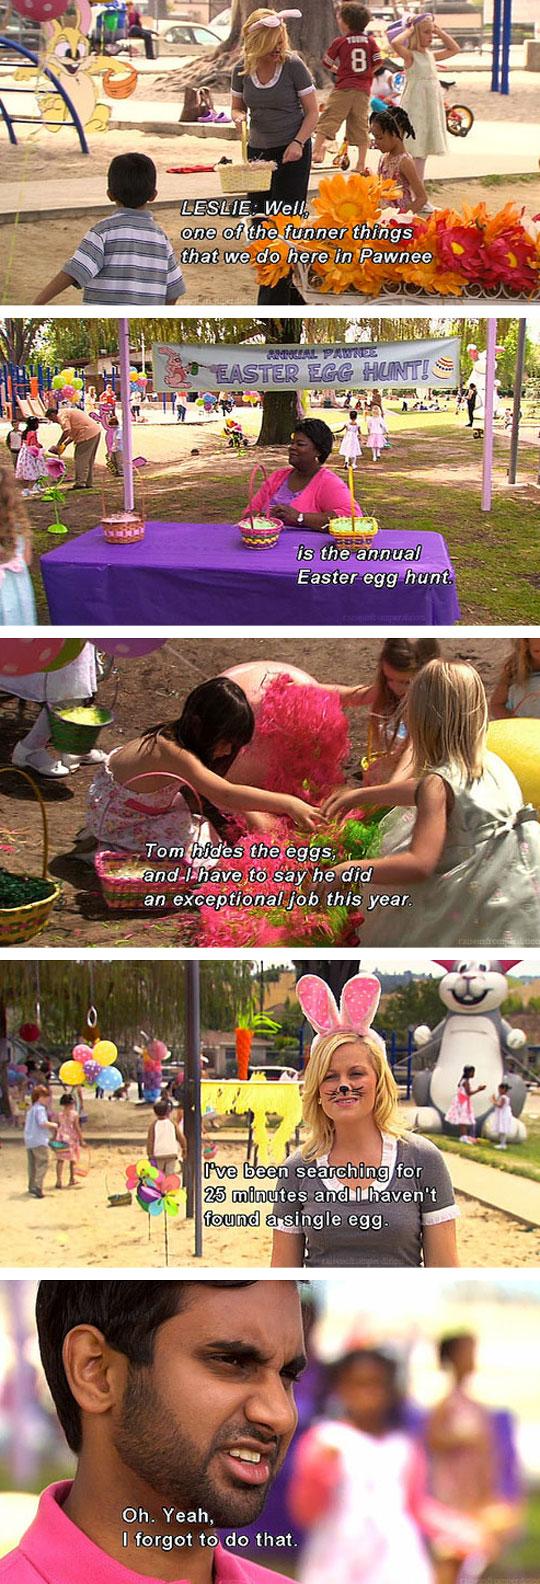 funny-Parks-Recreation-Easter-hunt